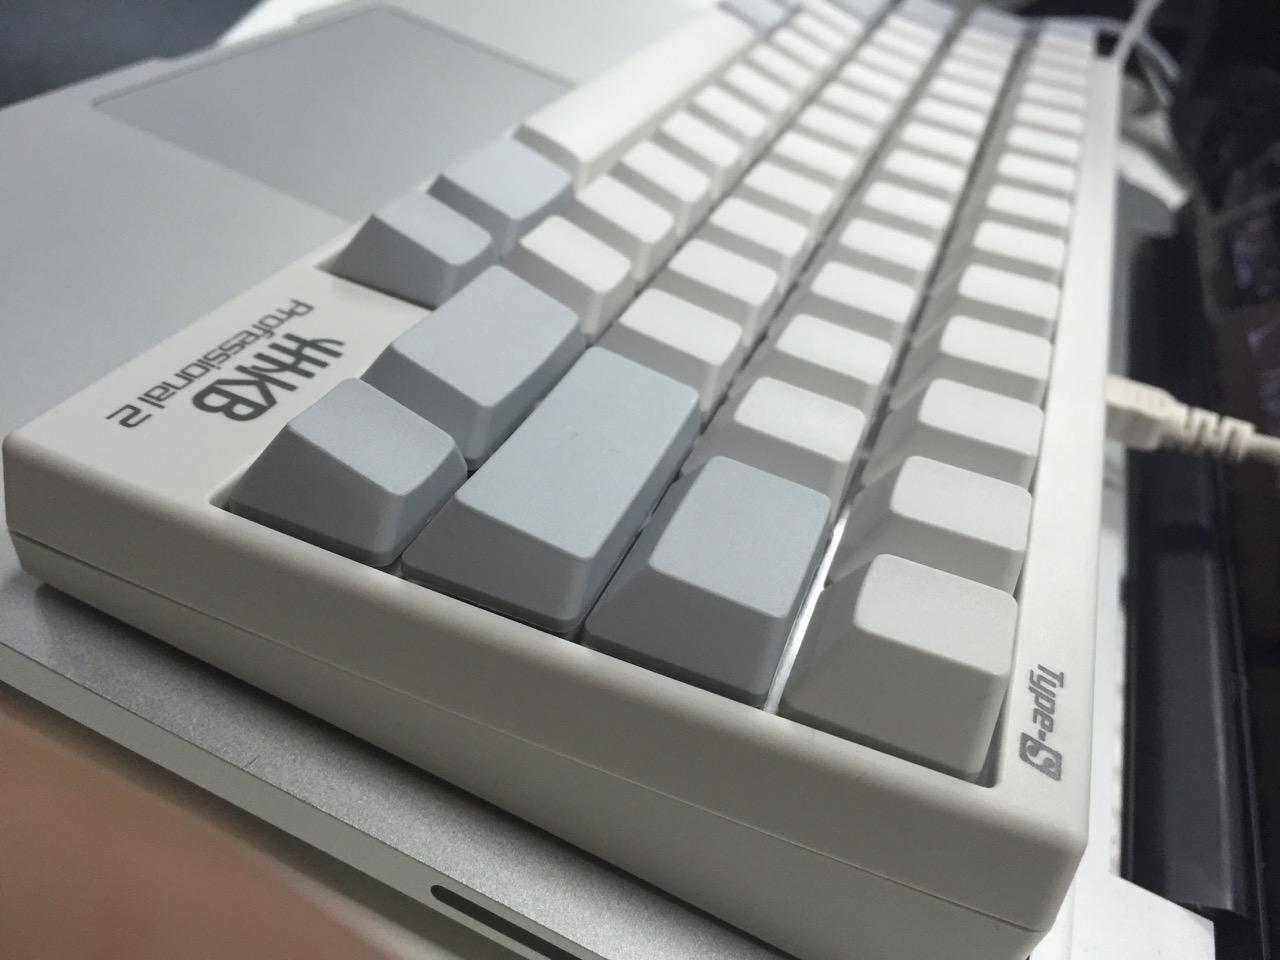 HHKB Pro2 Type-S 无刻 配 MacBook Pro Retina